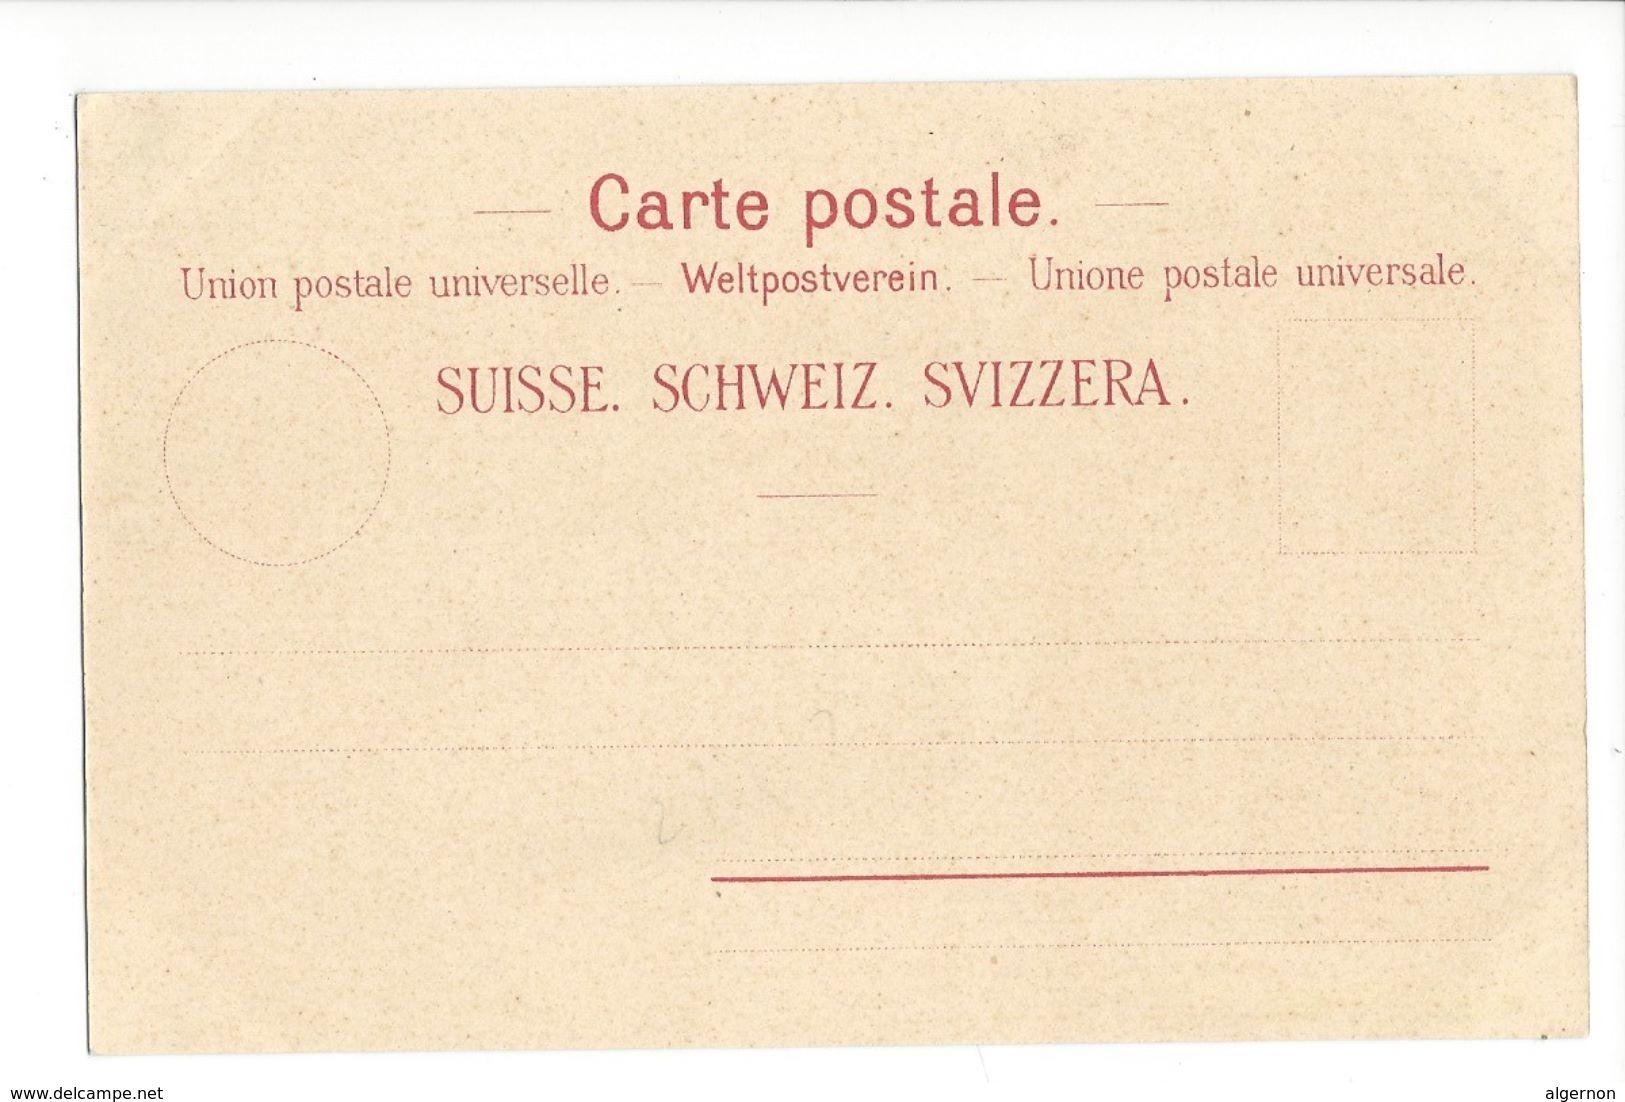 19295 - Centenaire Du Canton De Vaud 1803-1903 Rencontre Helvetie Et Vaudoise - VD Vaud